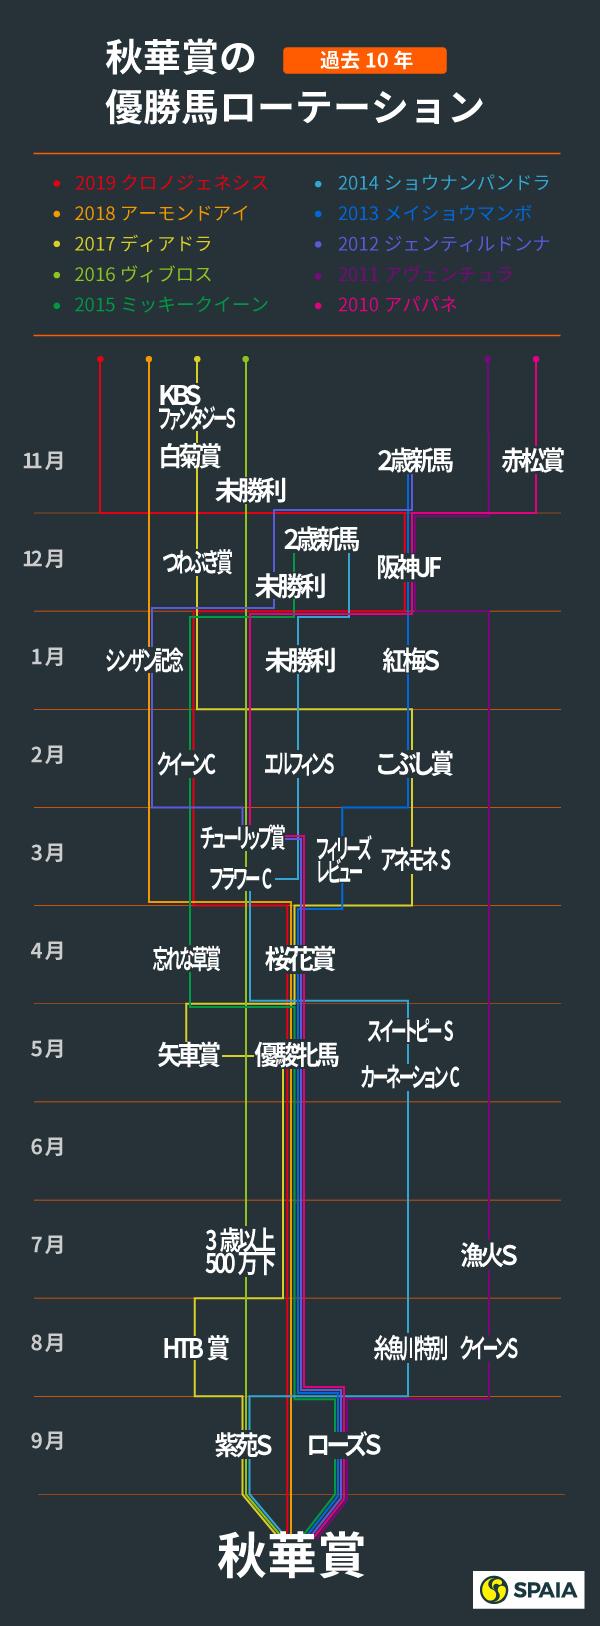 過去10年の秋華賞ローテーション